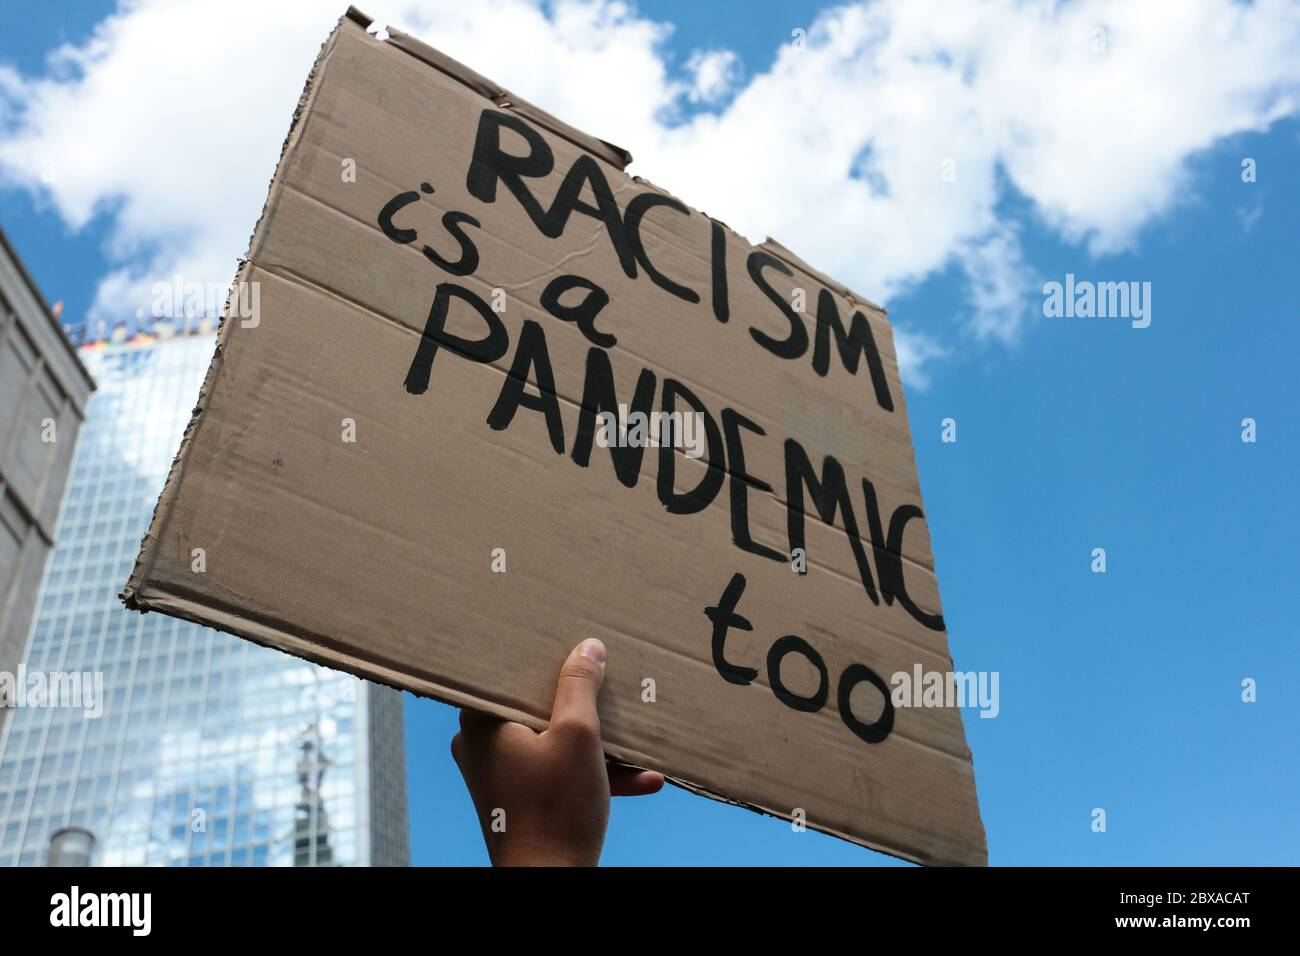 rassismus-ist-auch-eine-pandemie-schild-